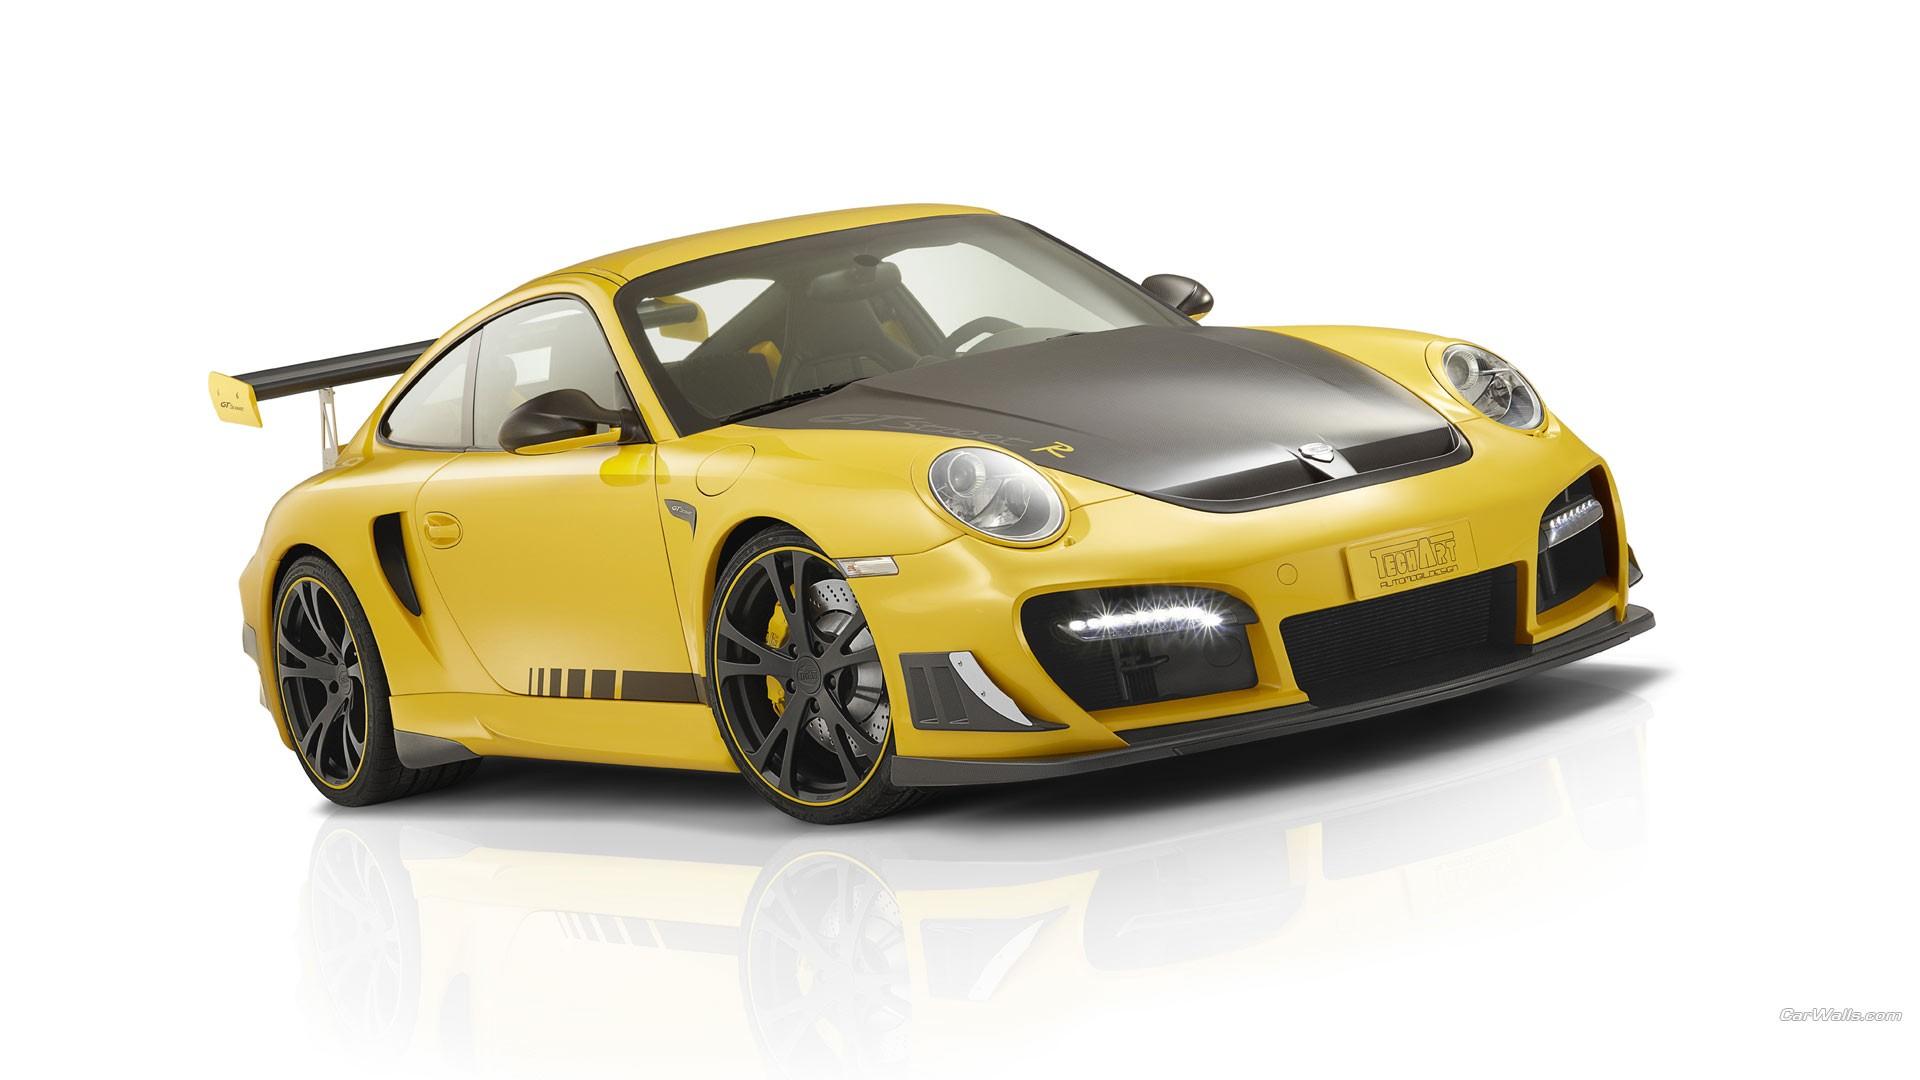 911色情视频_デスクトップ壁紙:スポーツカー,黄色の車,クーペ